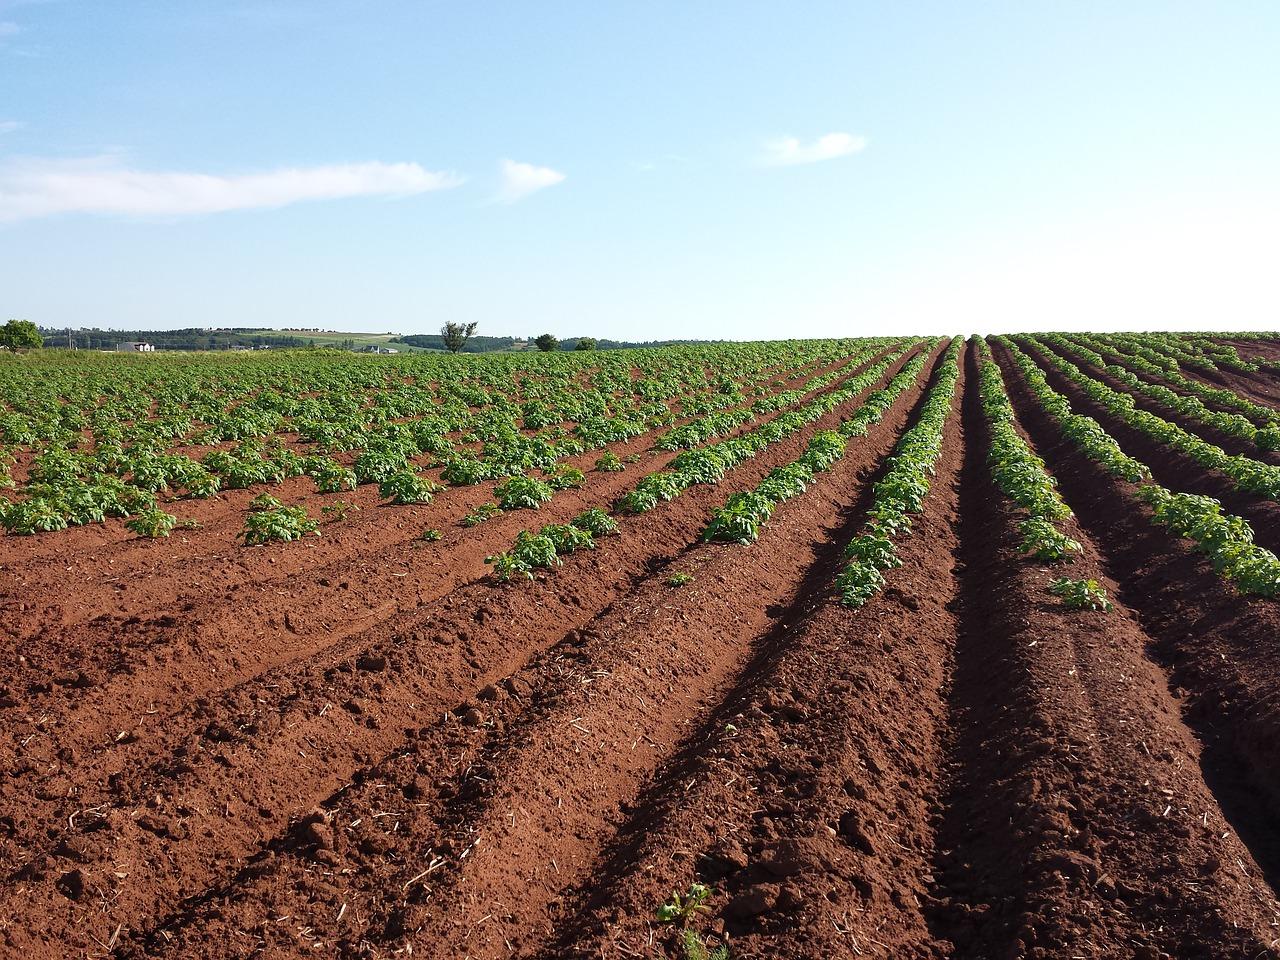 Фермери без кредитної історії зможуть отримати позику на купівлю перших 100 га землі